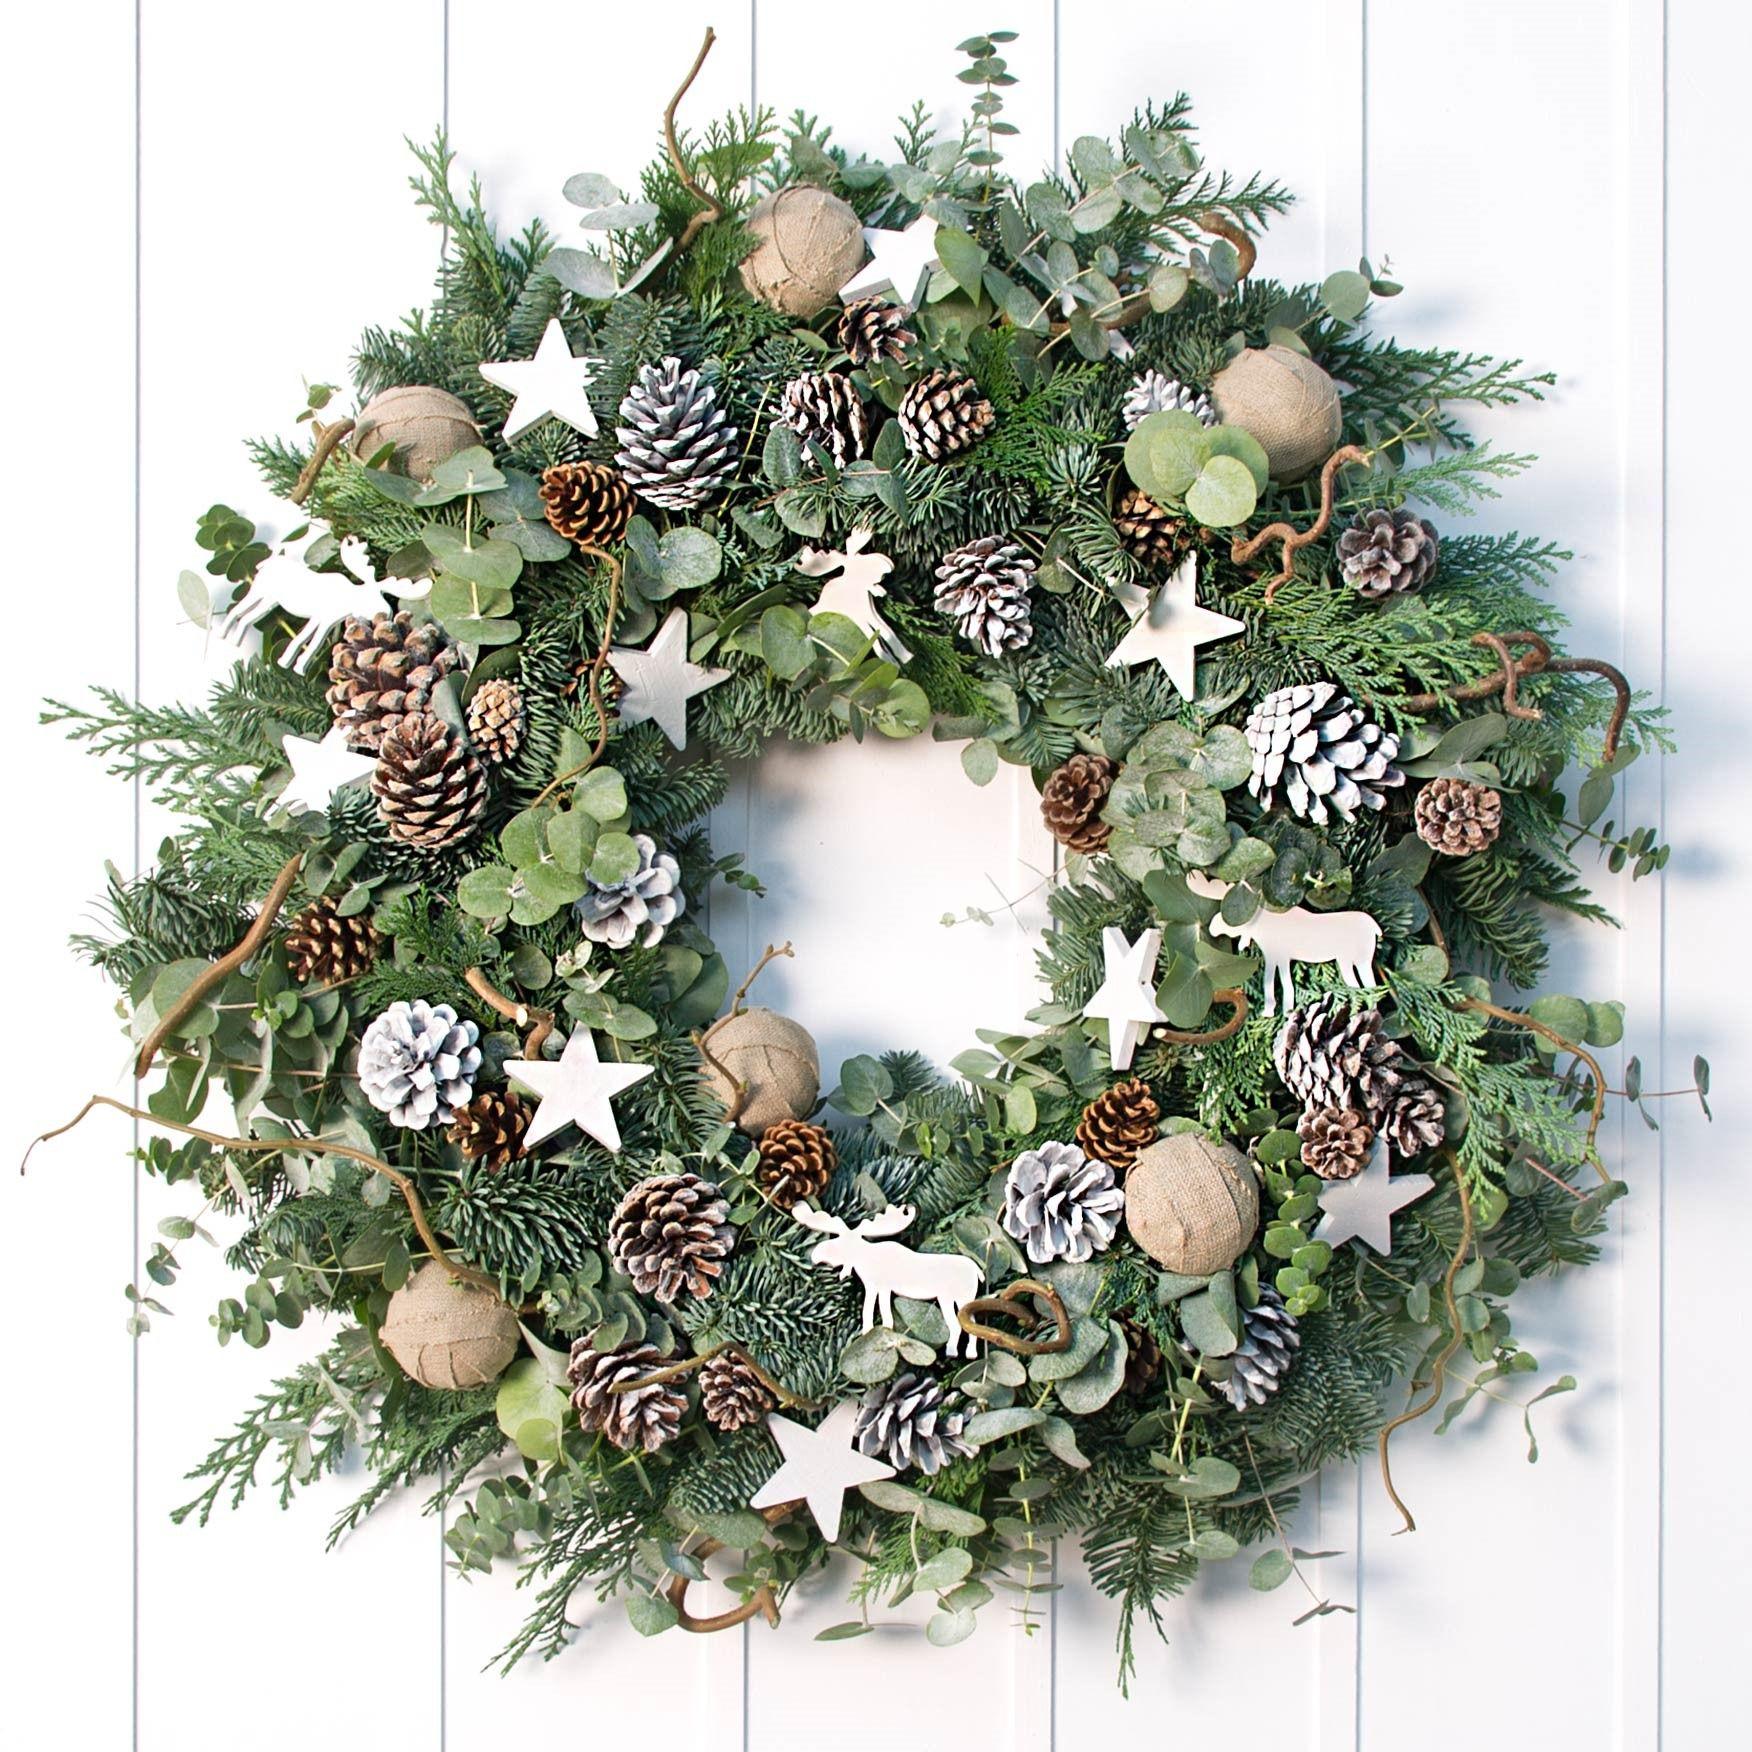 Philippa Craddock S Nordic Wreath Christmas Wreaths Nordic Christmas Christmas Decorations